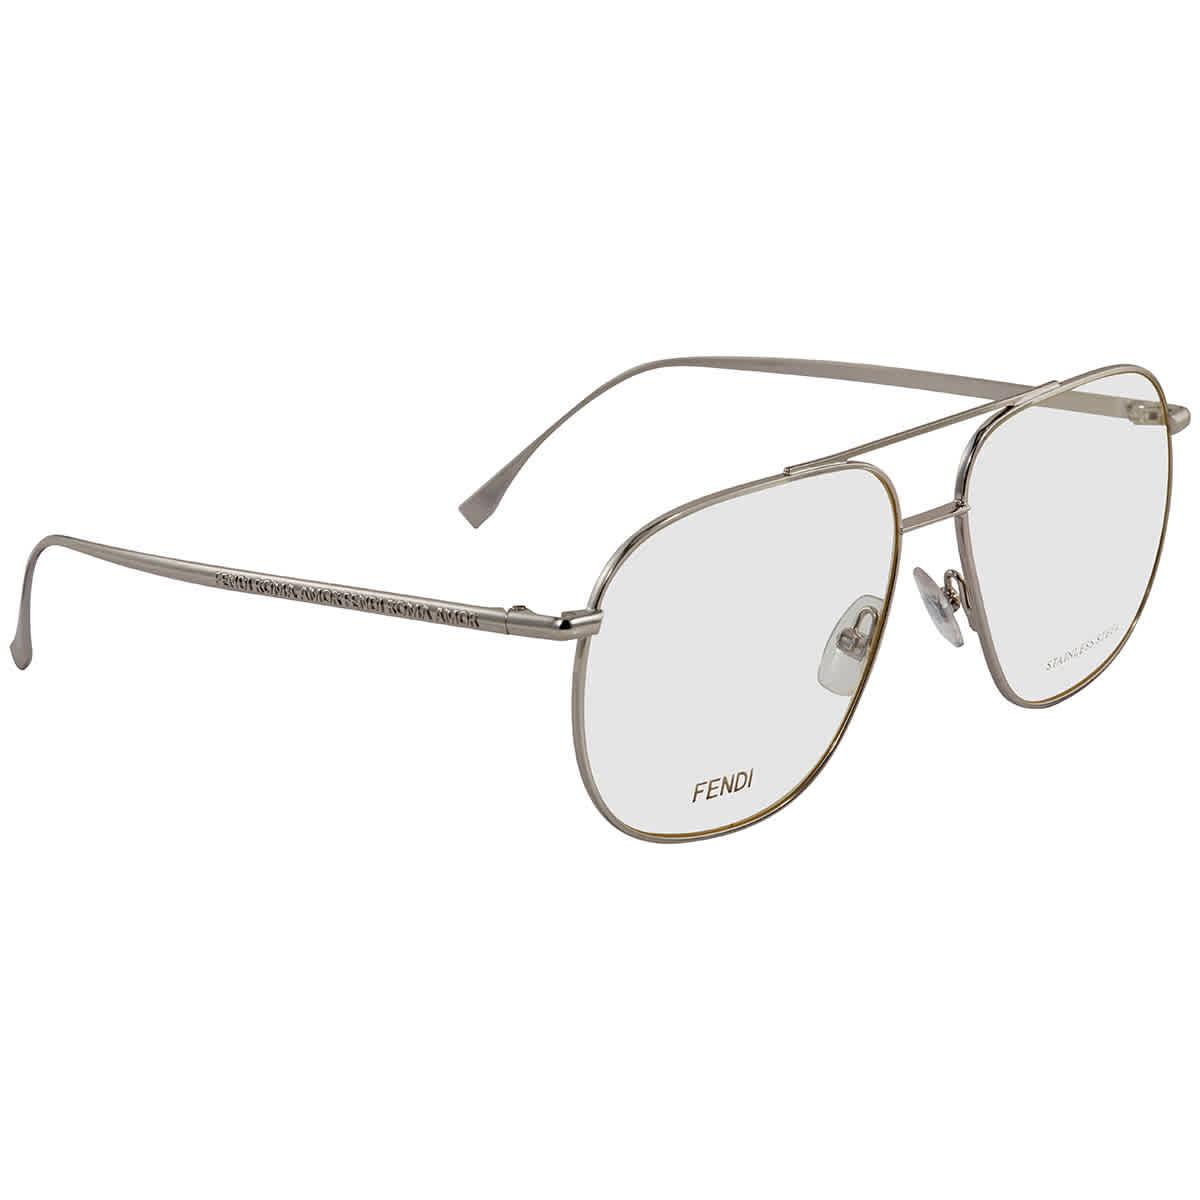 Fendi Aviator Ladies Eyeglasses Ff 0391 0010 57 In Transparent